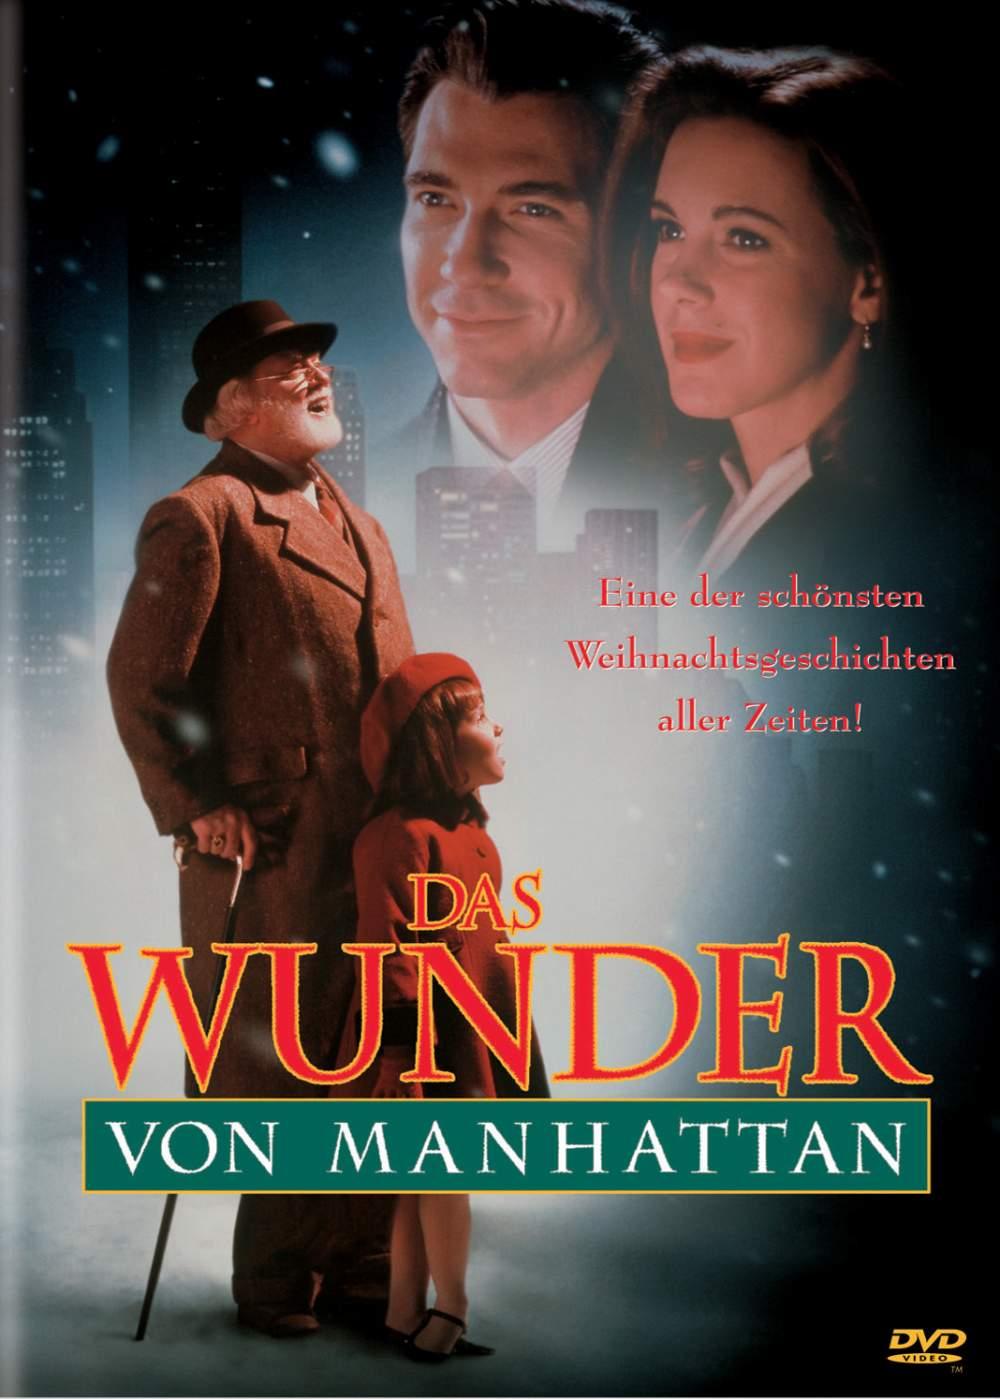 Das Wunder Von Manhattan Netflix